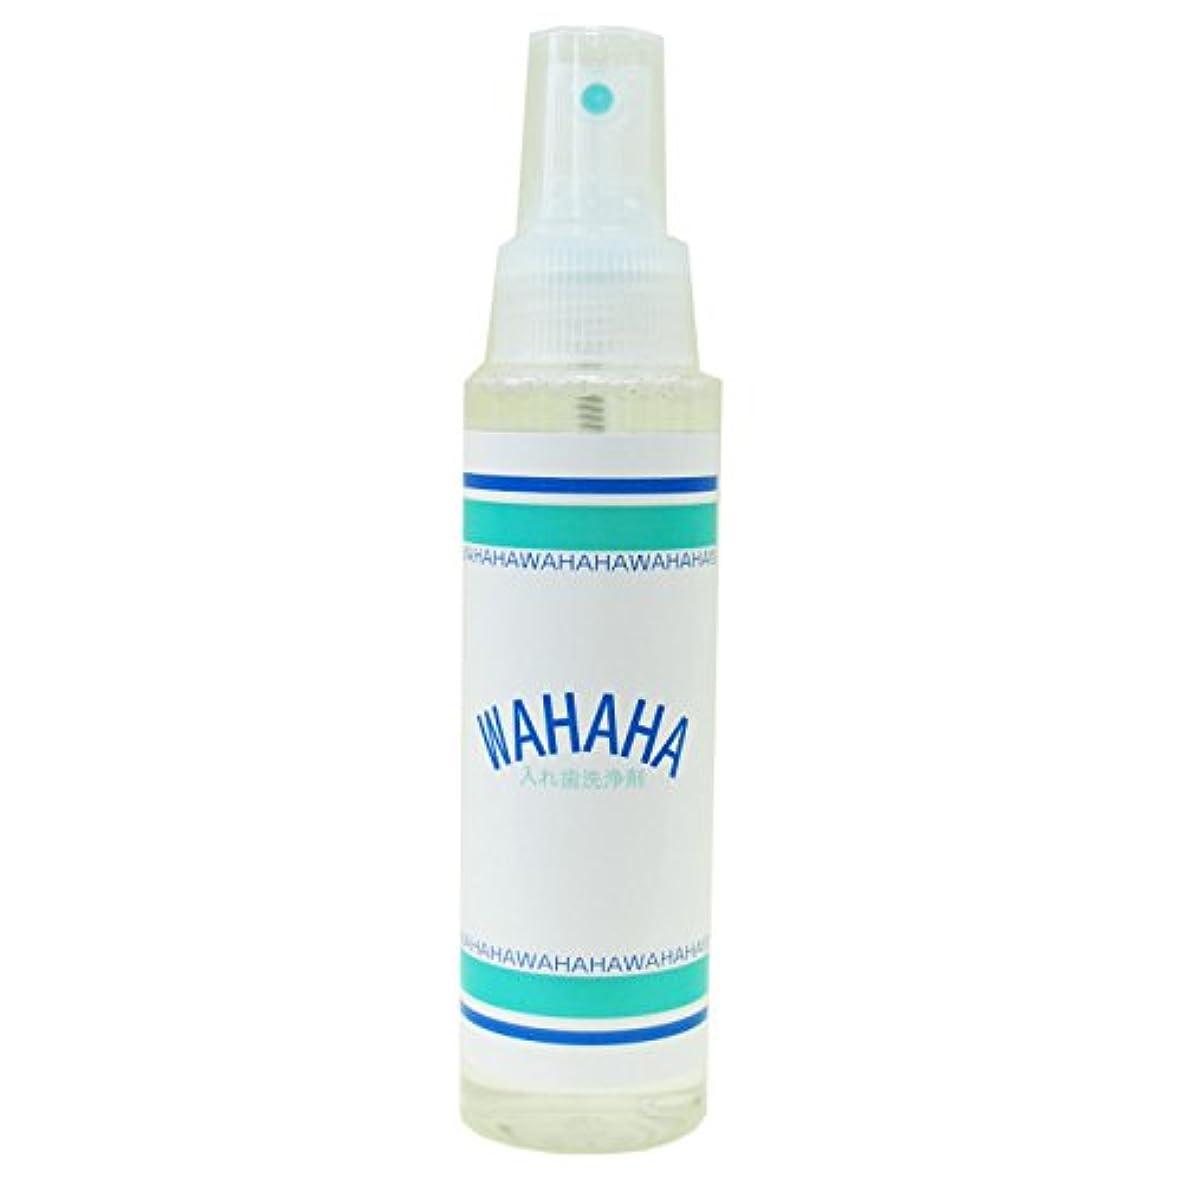 不透明ないろいろ電卓国際科学工業 入歯洗浄スプレー WAHAHA 100ml